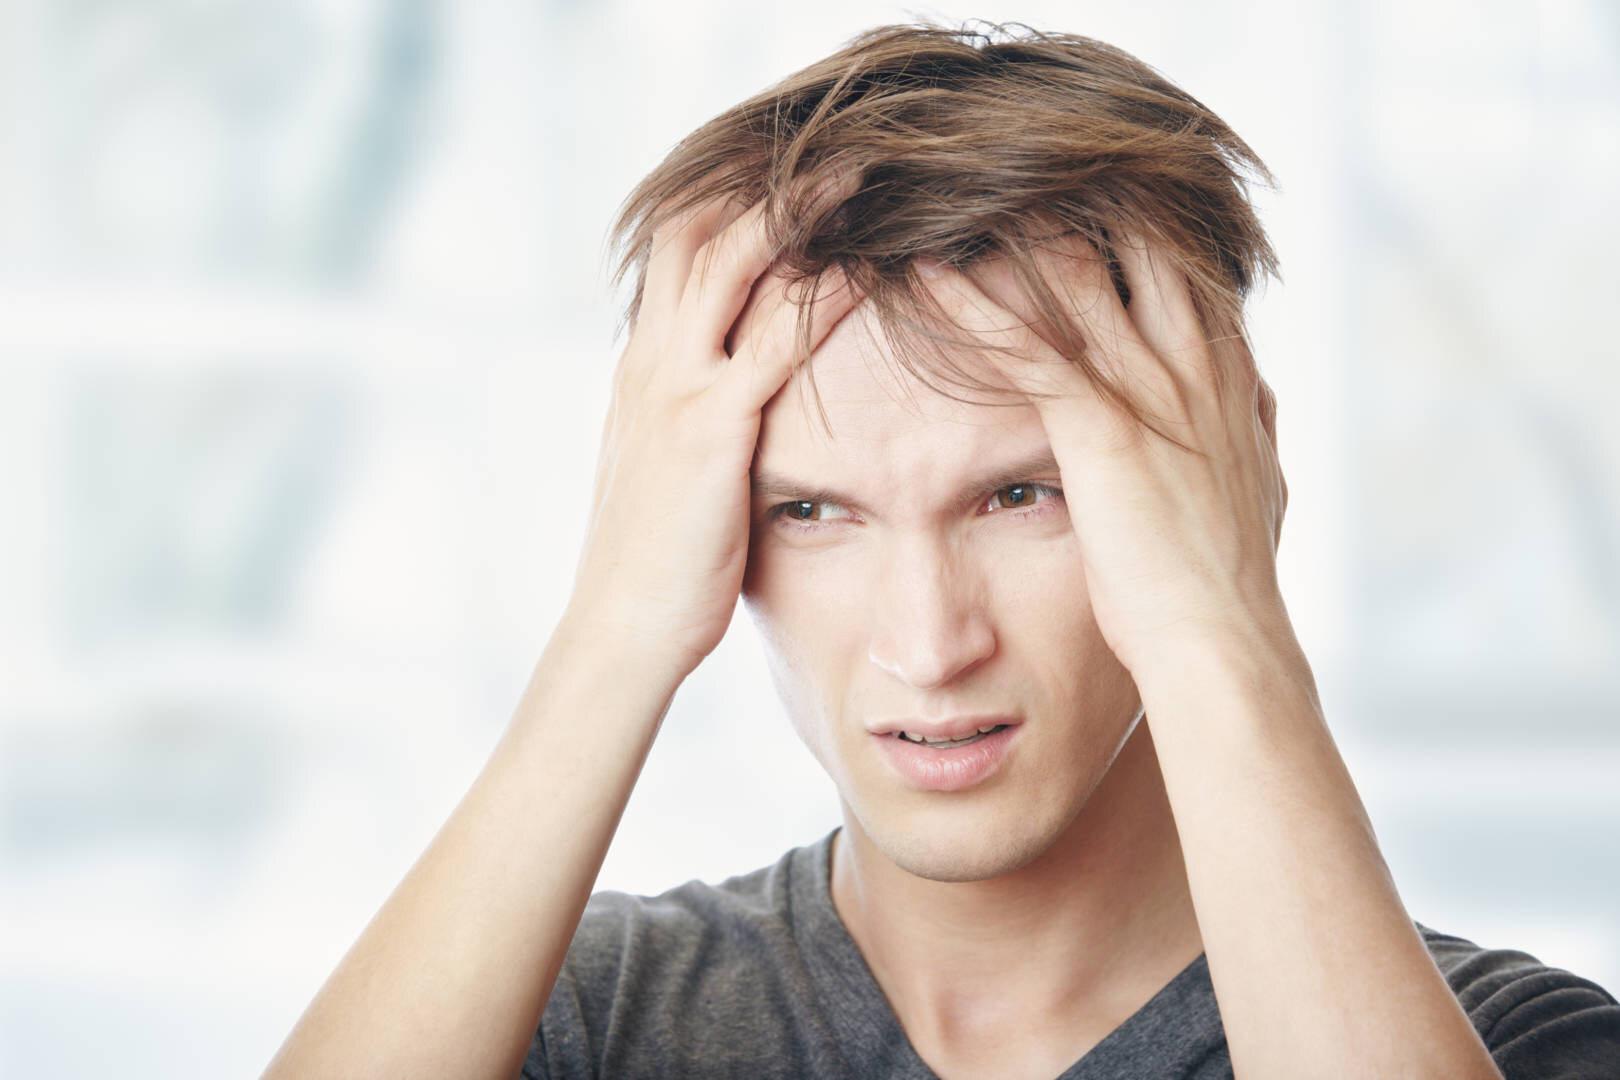 Kopfhaut tut weh beim haare bewegen